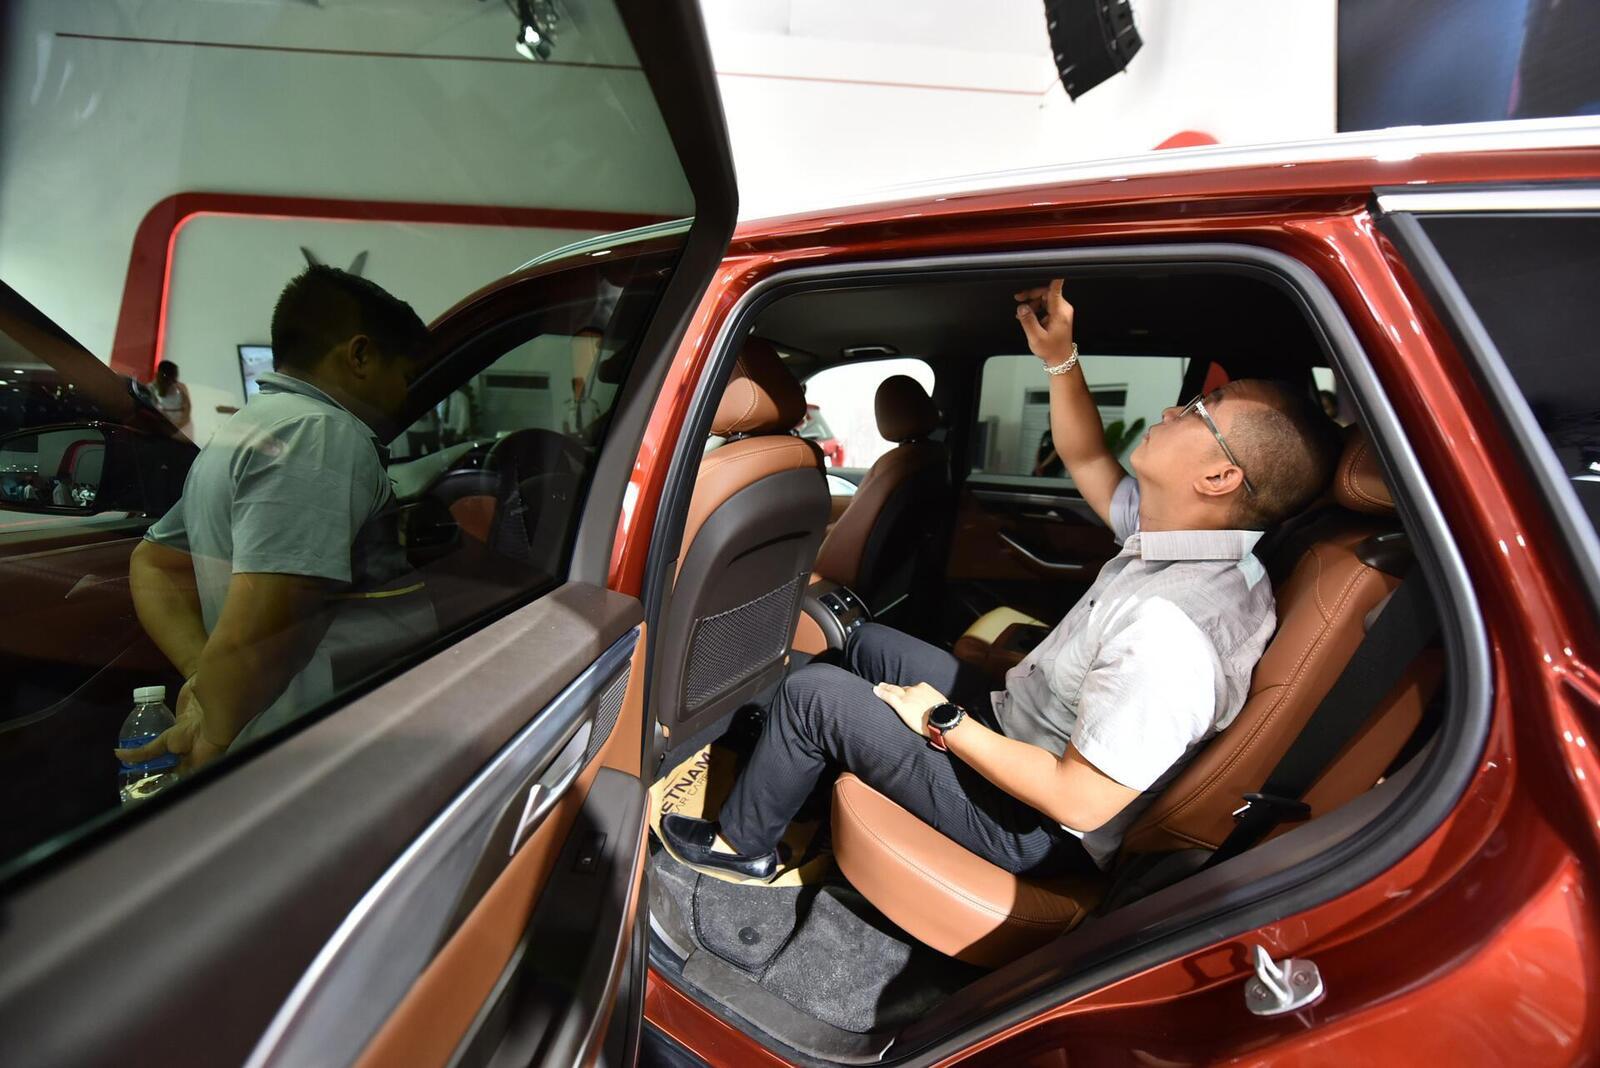 Ngoài chiêm ngưỡng kiểu dáng, nội thất, người xem đặc biệt quan tâm đến hệ thống máy của các mẫu xe VinFast.